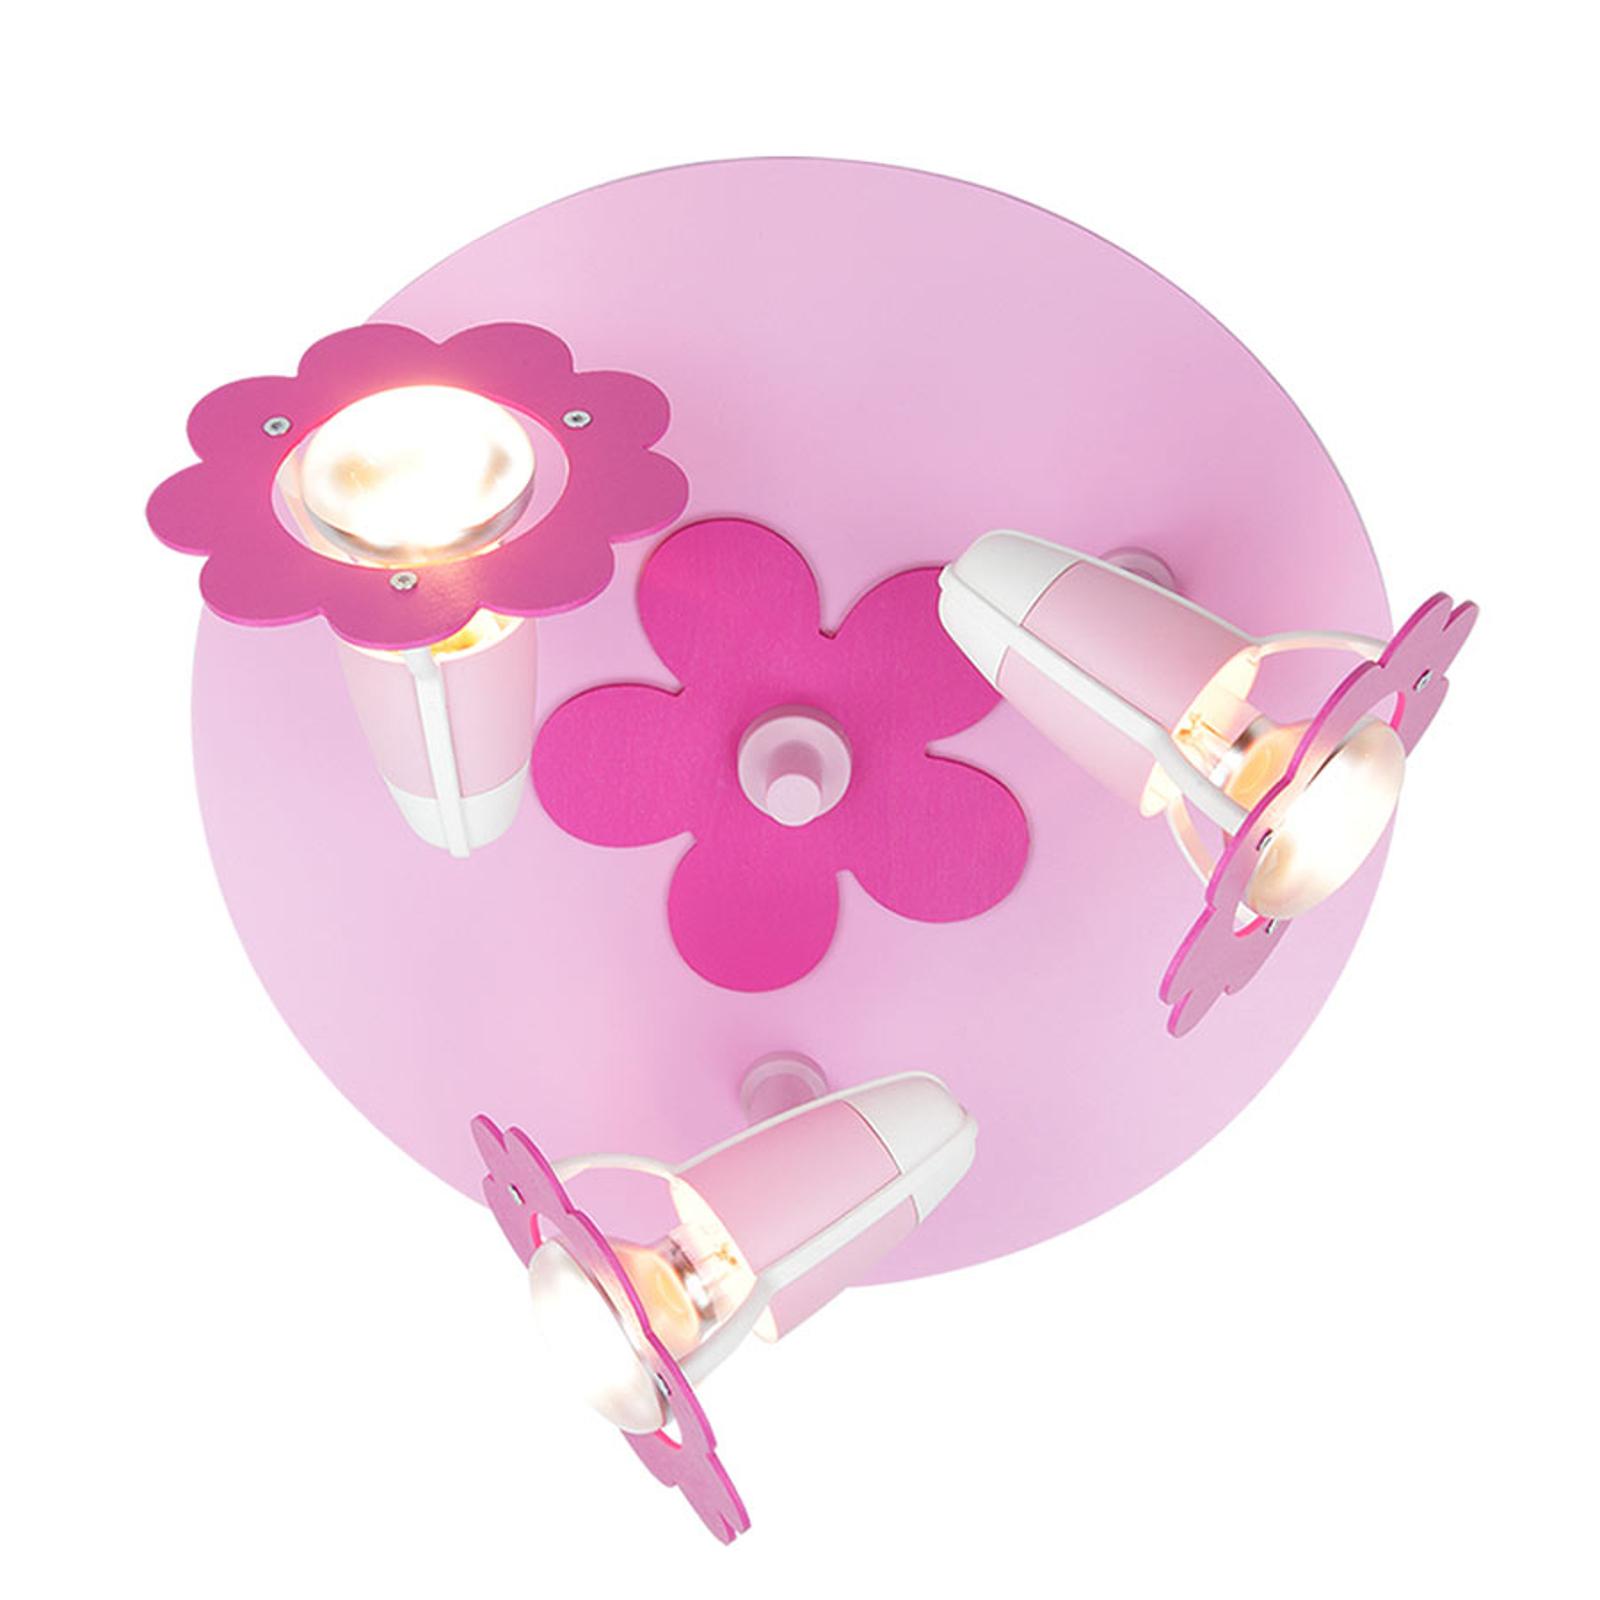 Lampa sufitowa Kwiat, różowa, okrągła, 3-punktowa